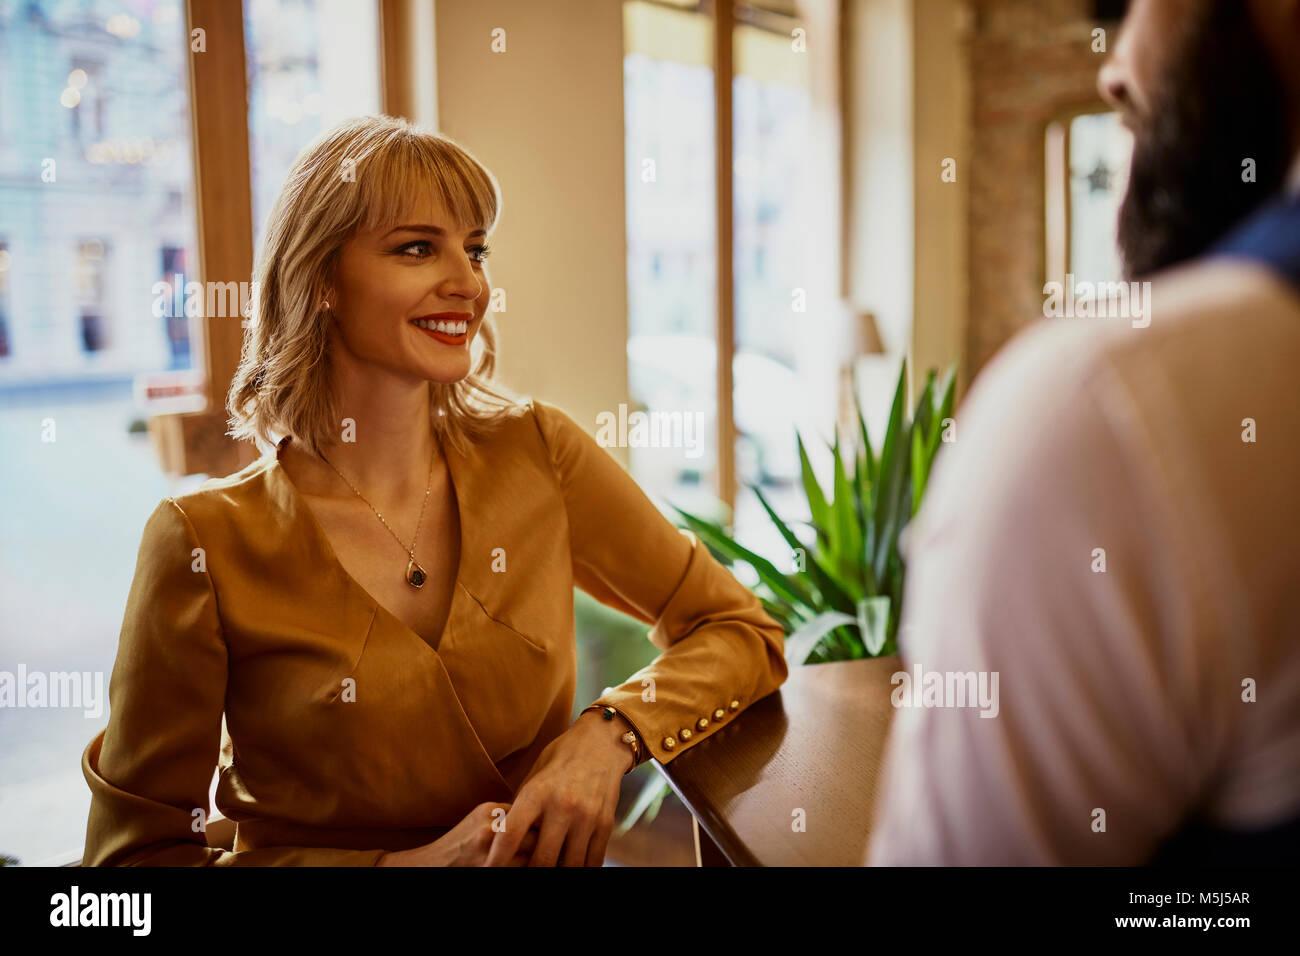 Elegante lächelnde Frau mit Mann in eine Bar Stockbild